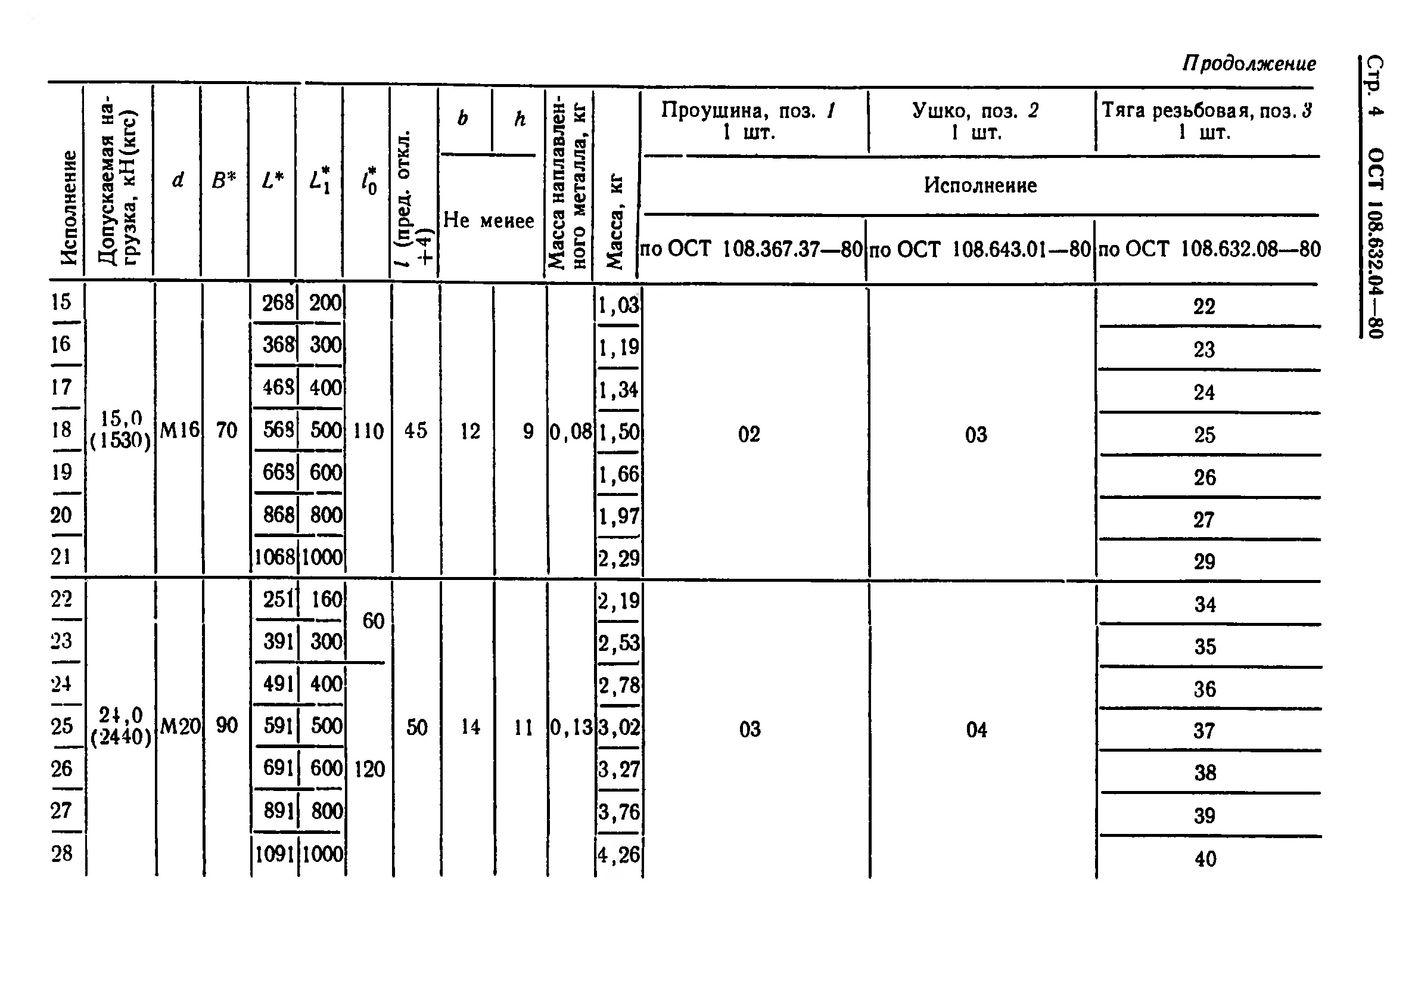 Тяги резьбовые с проушиной ОСТ 108.632.04-80 стр.4